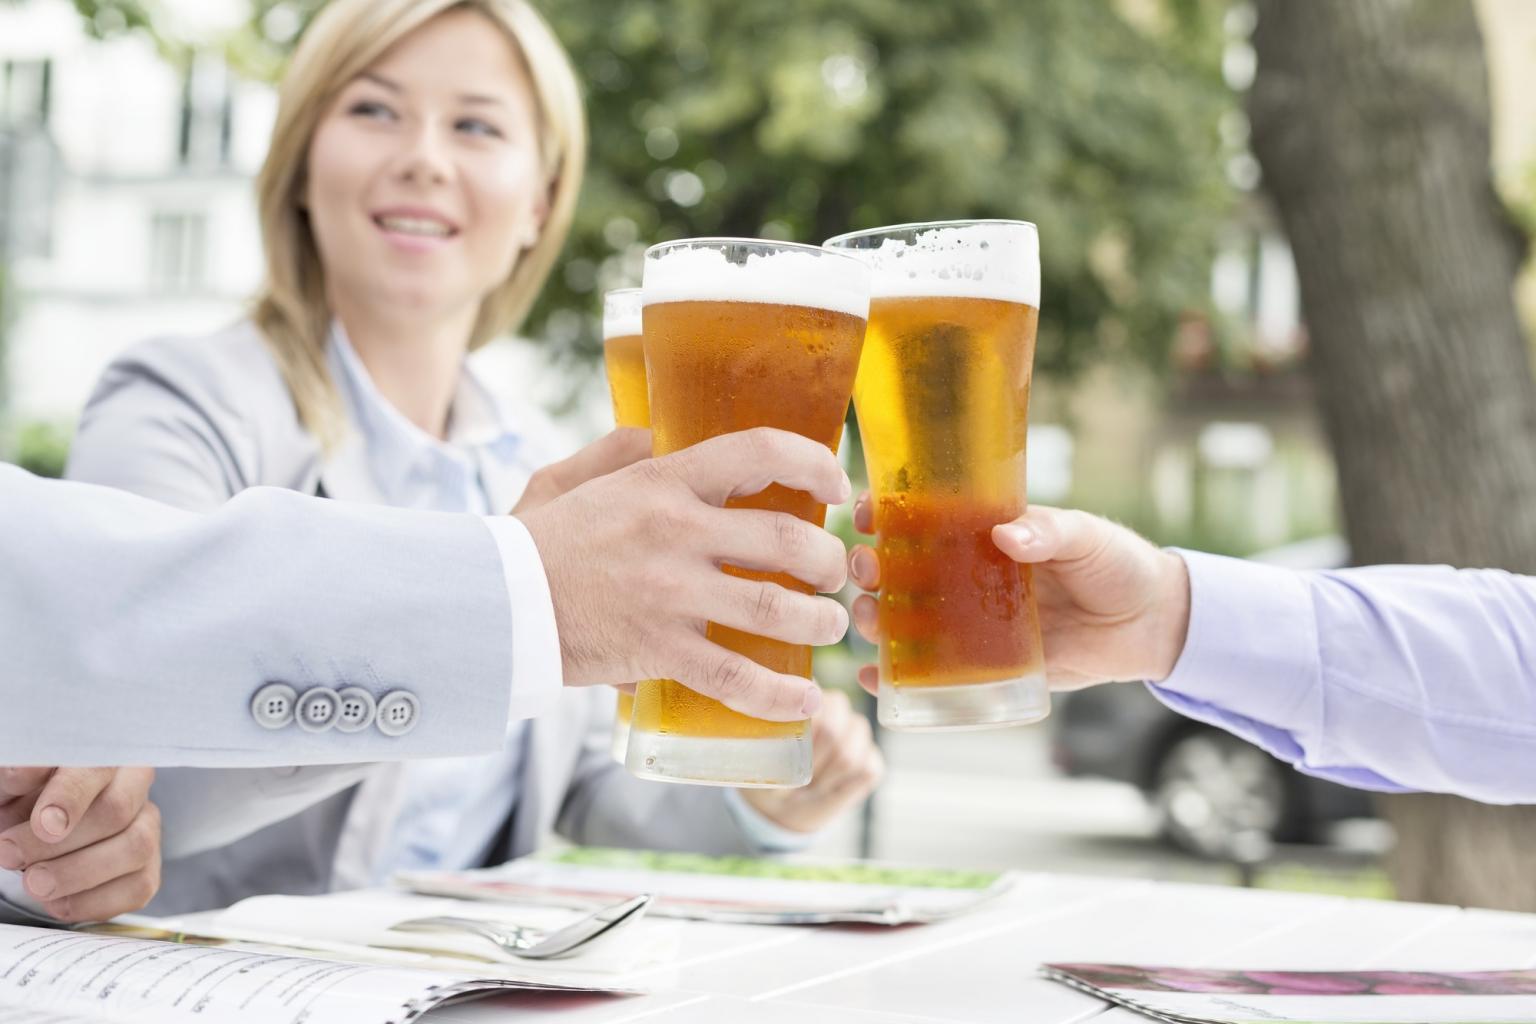 Trink ein kühles Bier nach den Escape Games